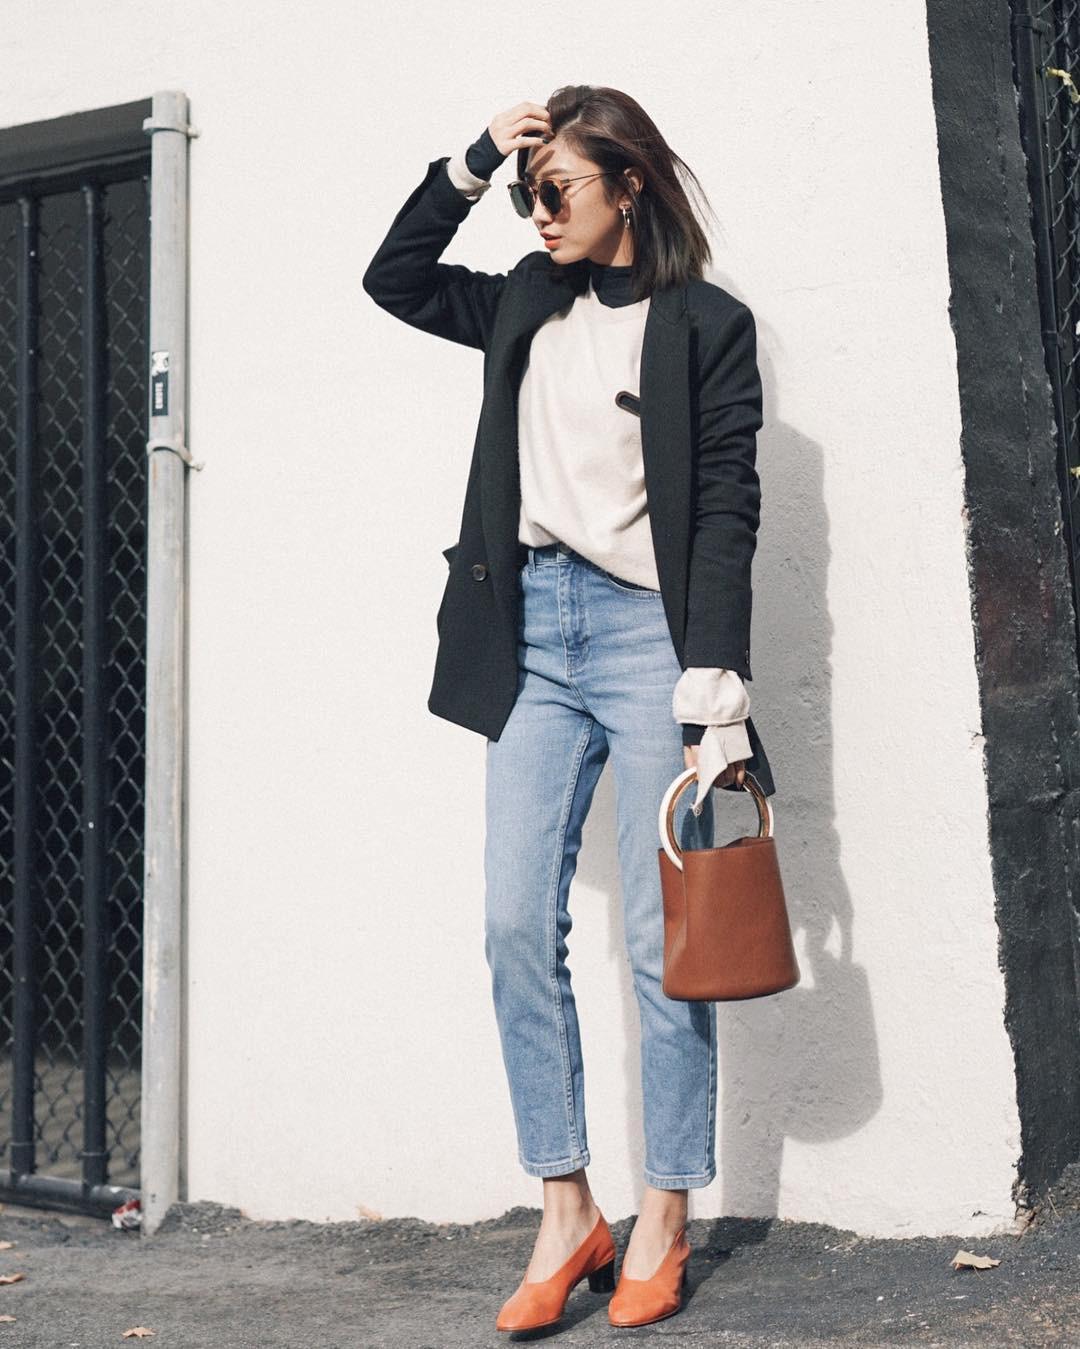 Diện quần jeans đi làm quả thực thú vị, nhưng mặc sao cho đúng chất công sở thì bạn cần nhớ 3 công thức sau - Ảnh 1